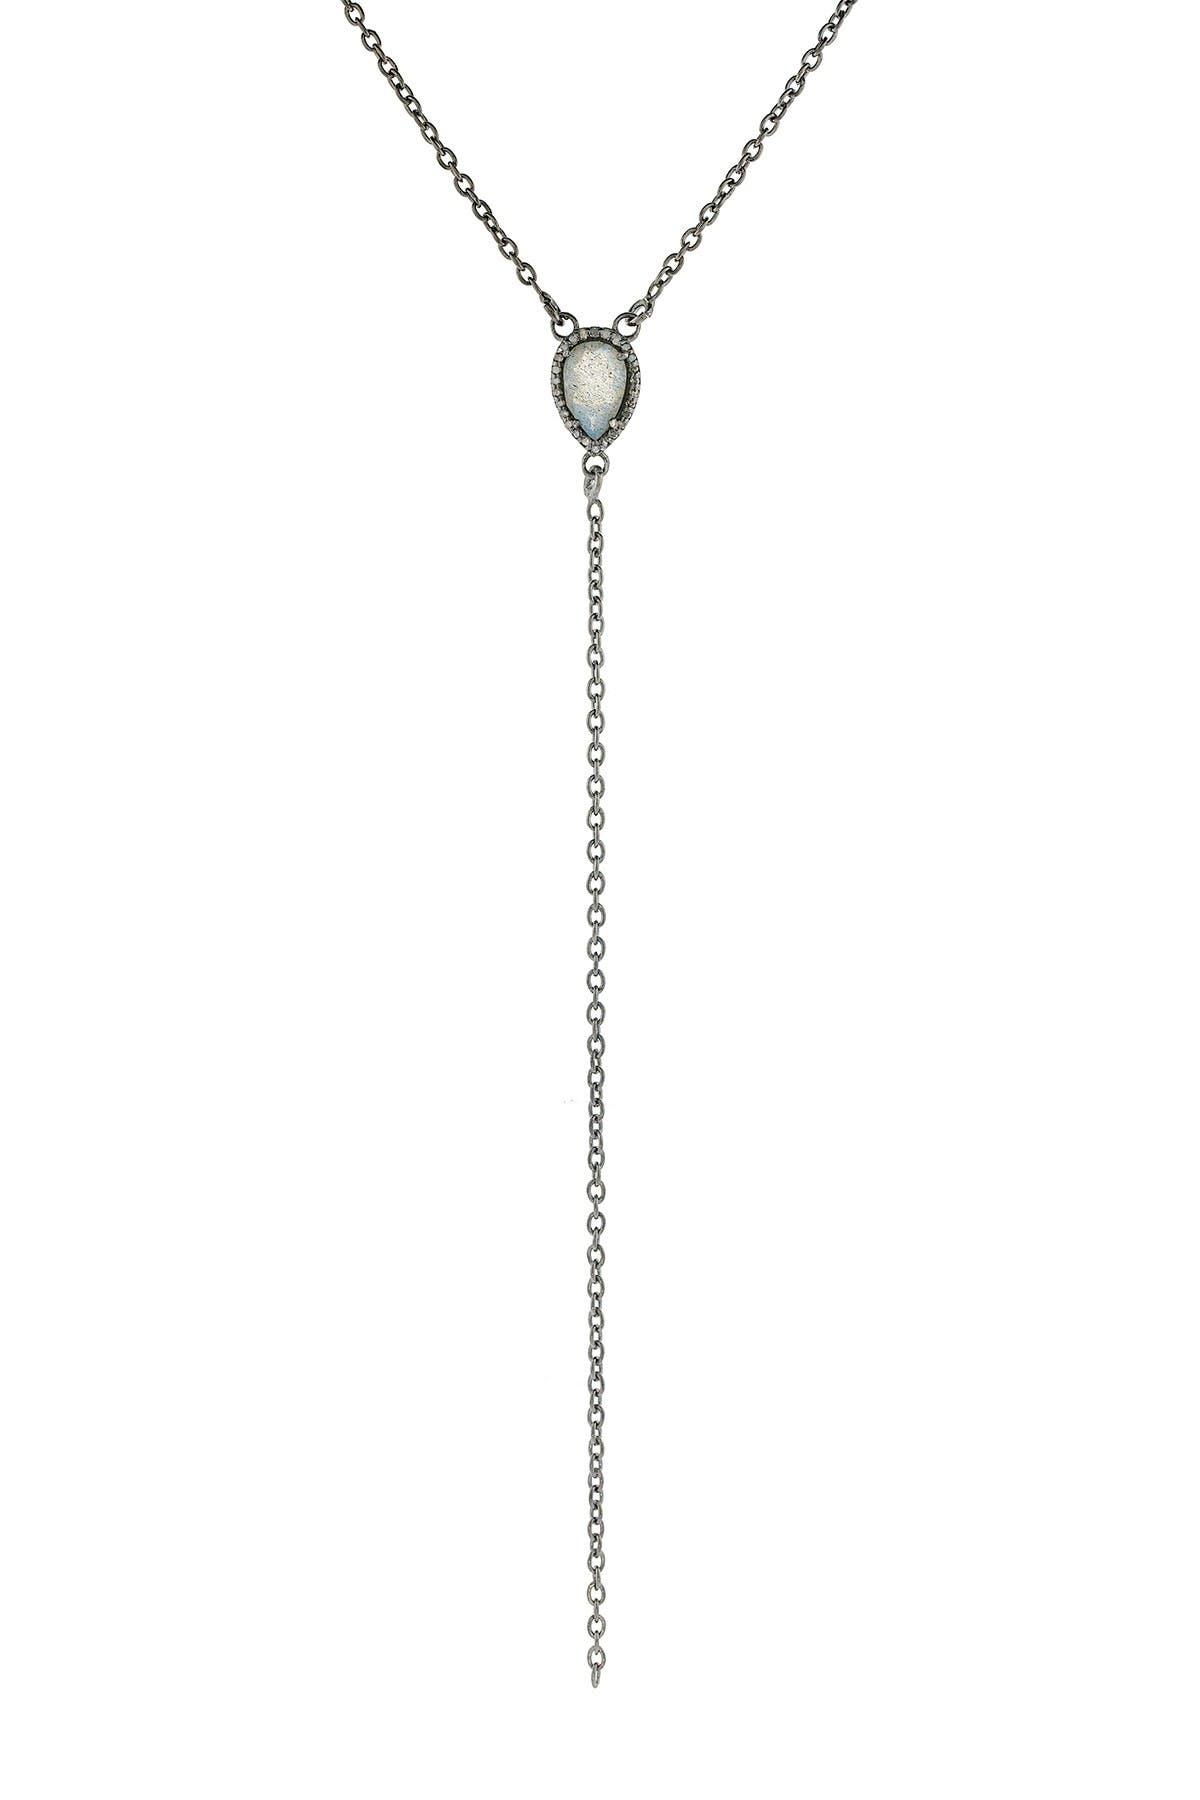 Image of ADORNIA Fine Sterling Silver Labradorite & Diamond Halo Y-Necklace - 0.20 ctw